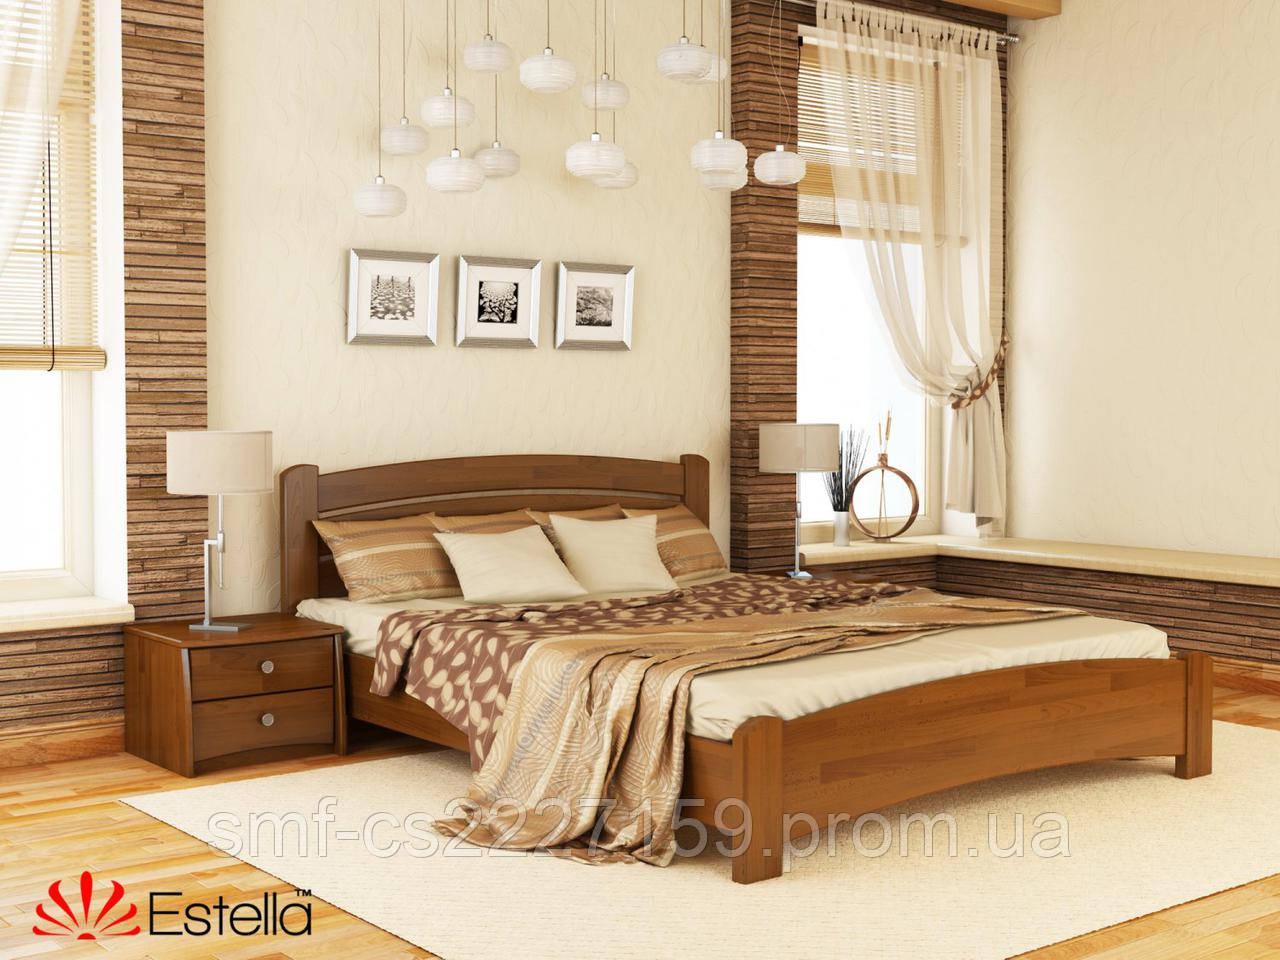 Ліжко Estella Венеція Люкс